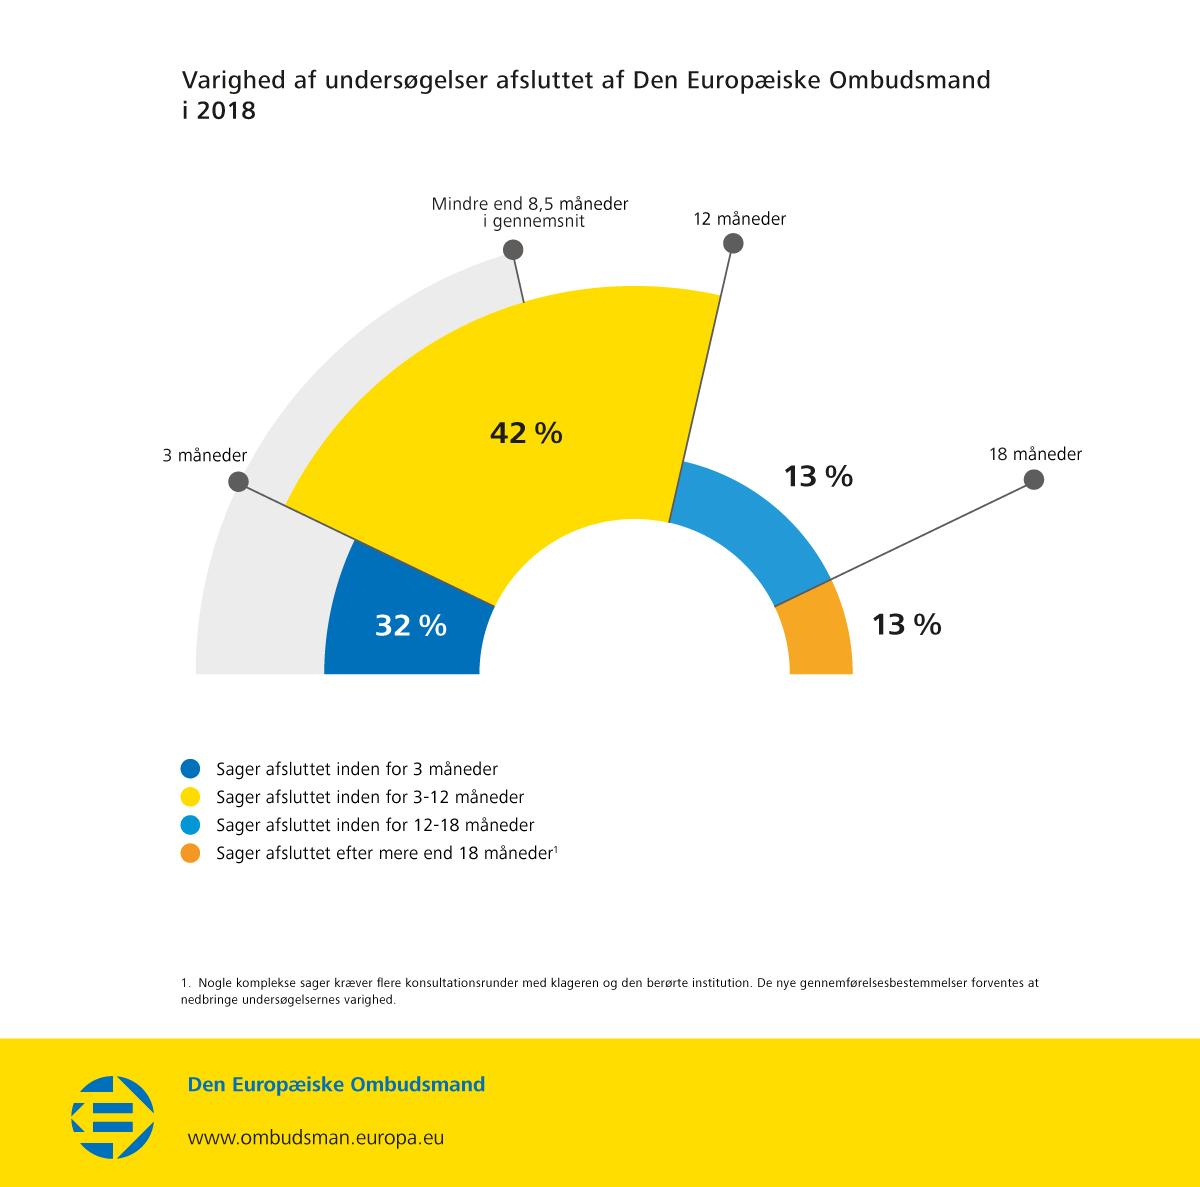 Varighed af undersøgelser afsluttet af Den Europæiske Ombudsmand i 2018